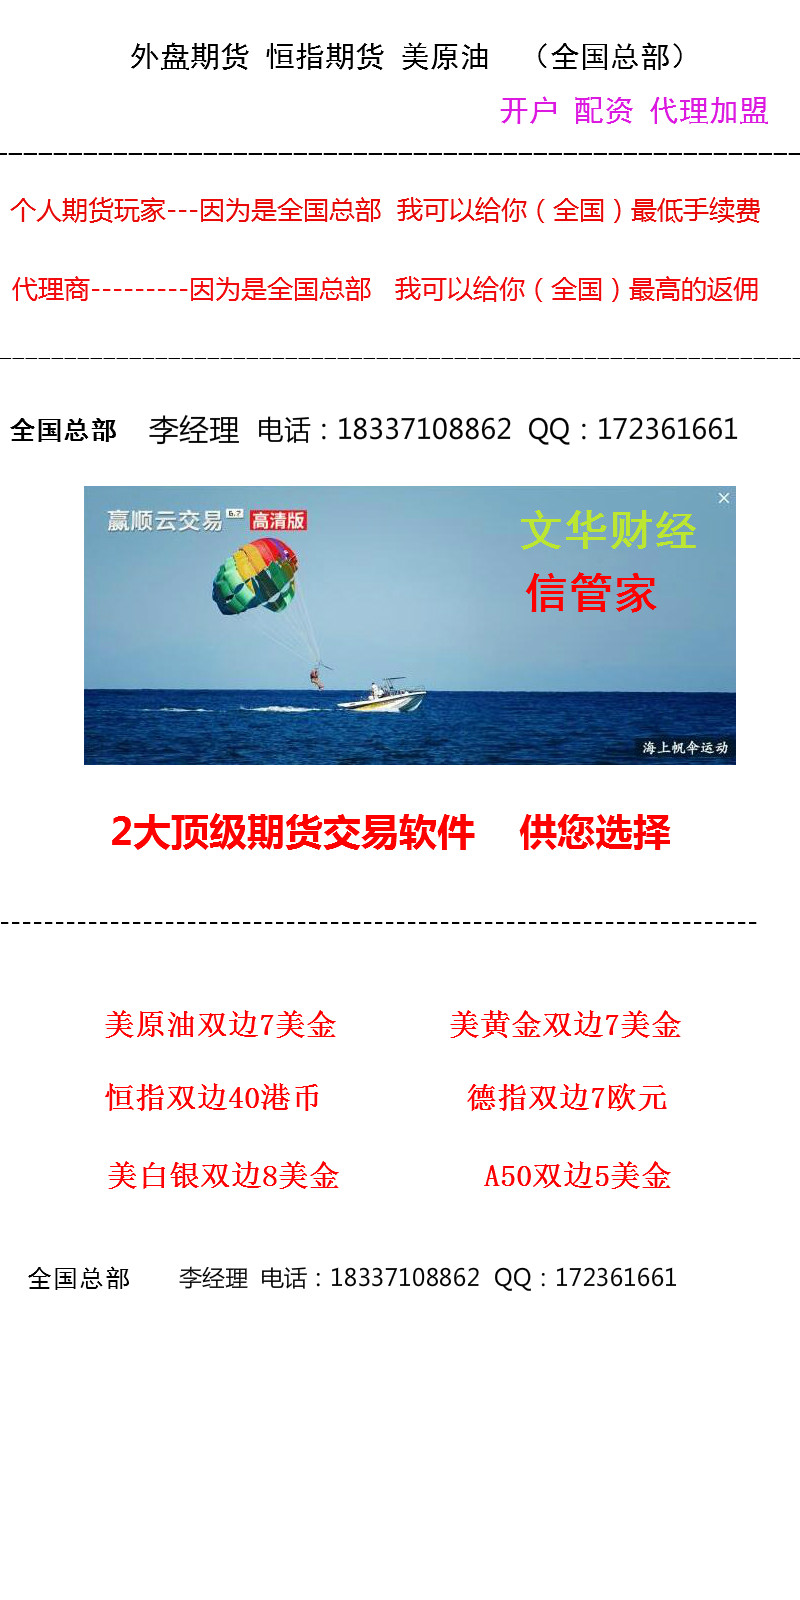 1509680573085665000-0_meitu_1.jpg